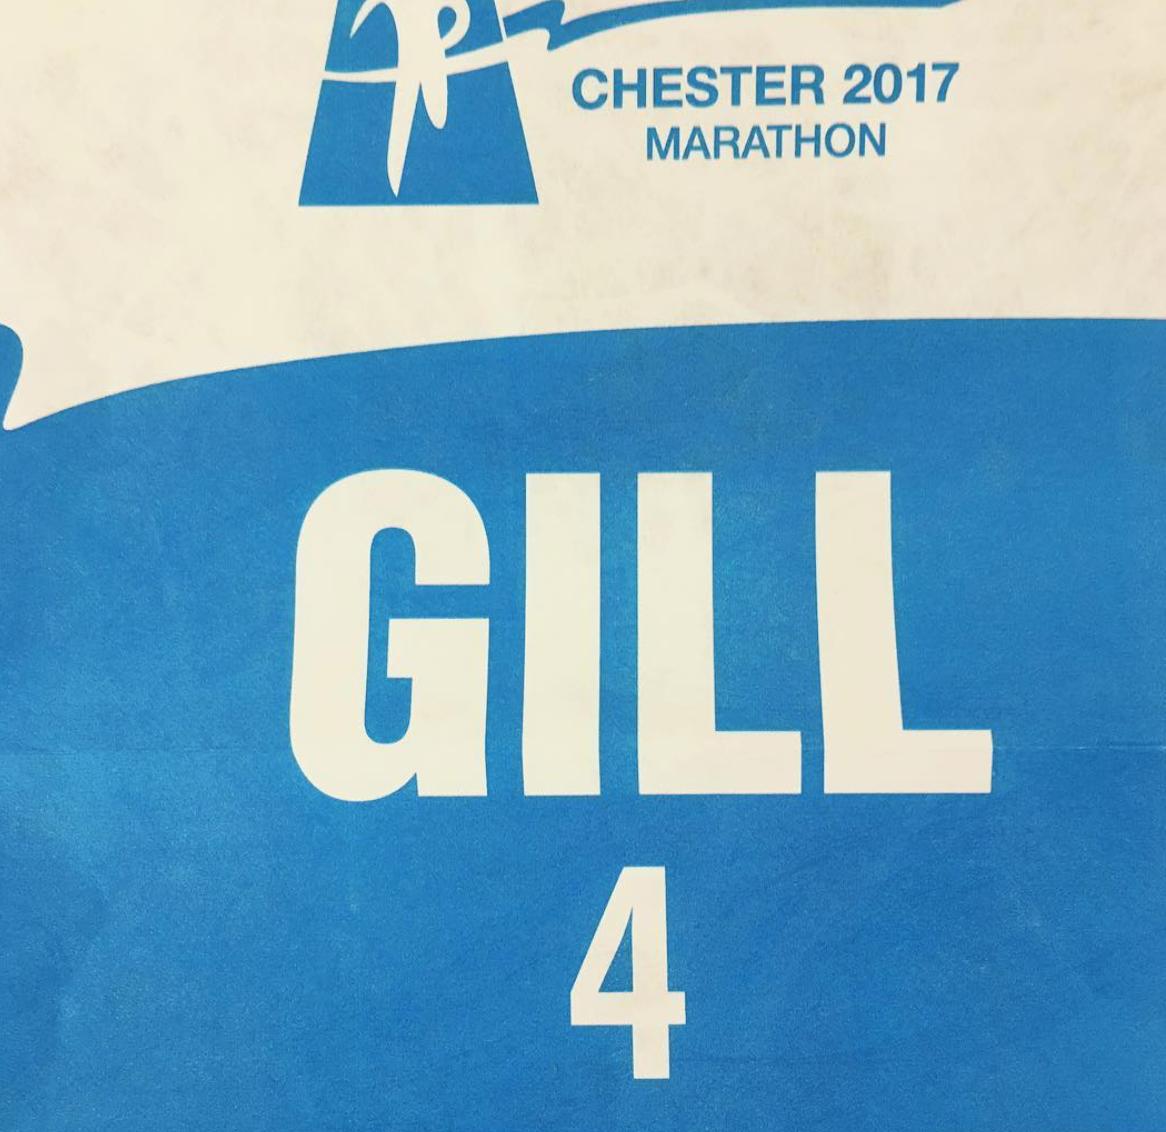 Chester Marathon Elite Bib